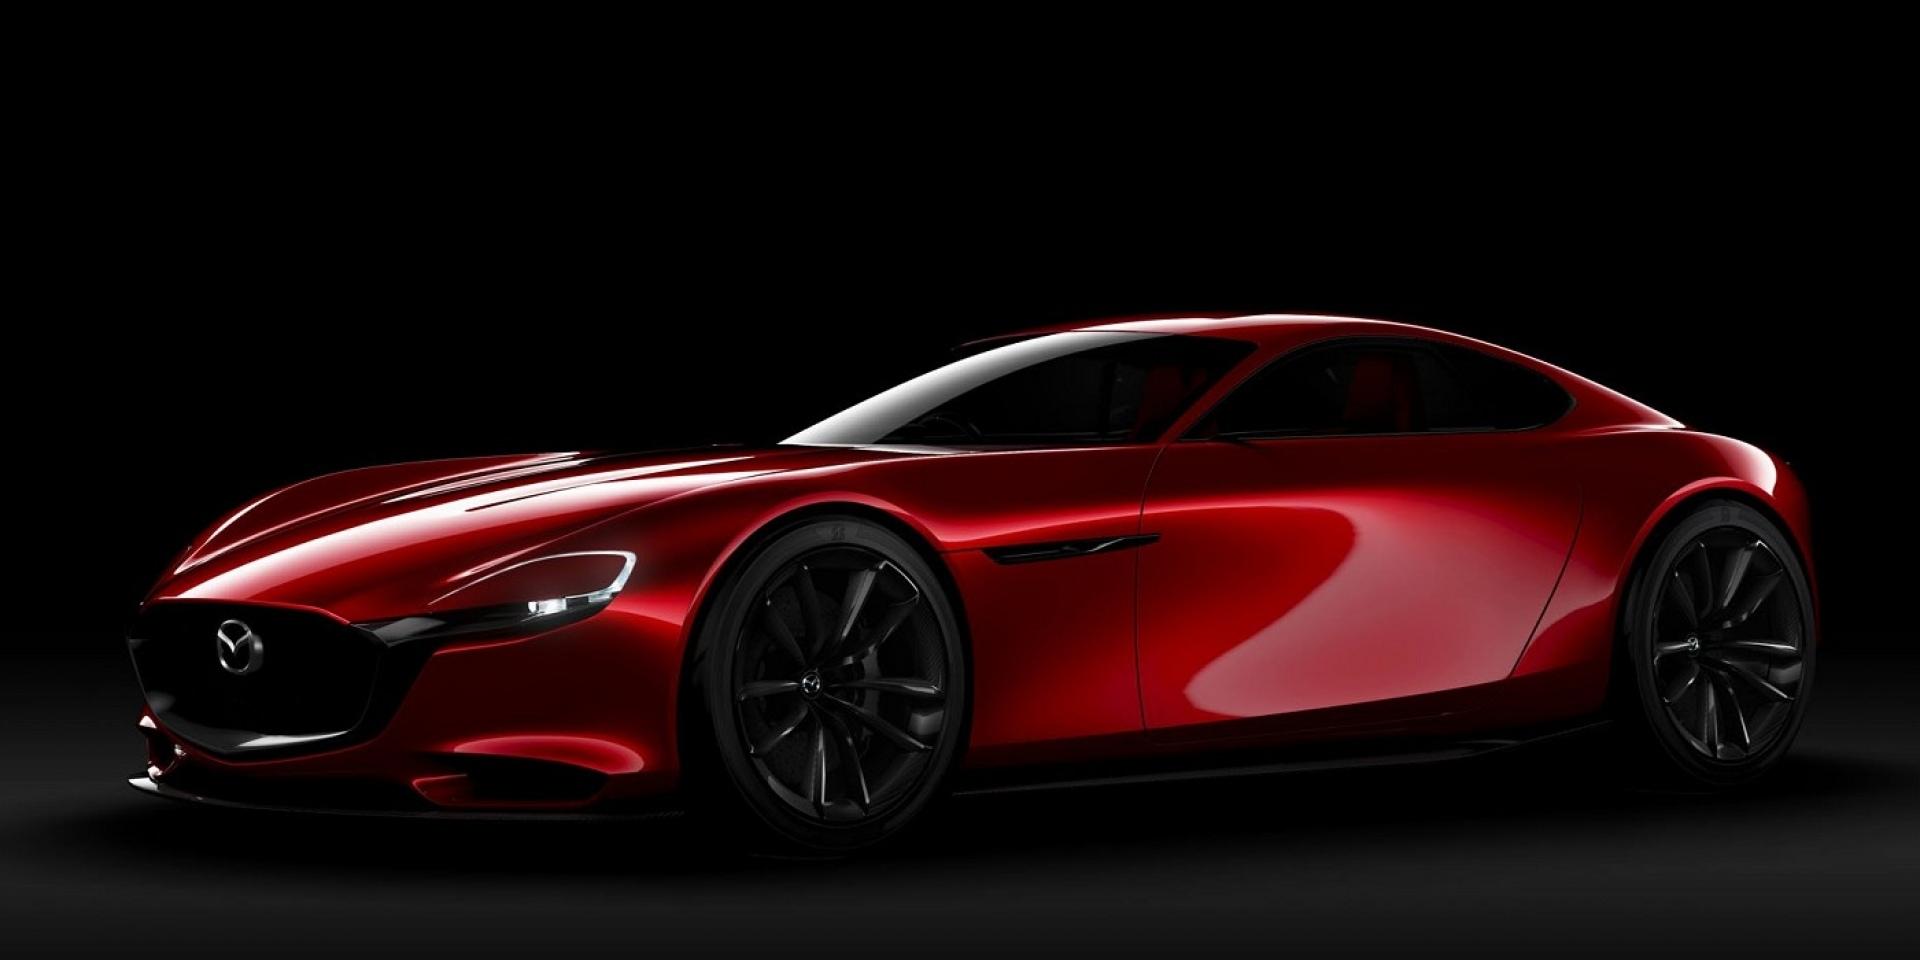 難通過法規認證,Mazda RX-8轉子引擎後繼車難產!?